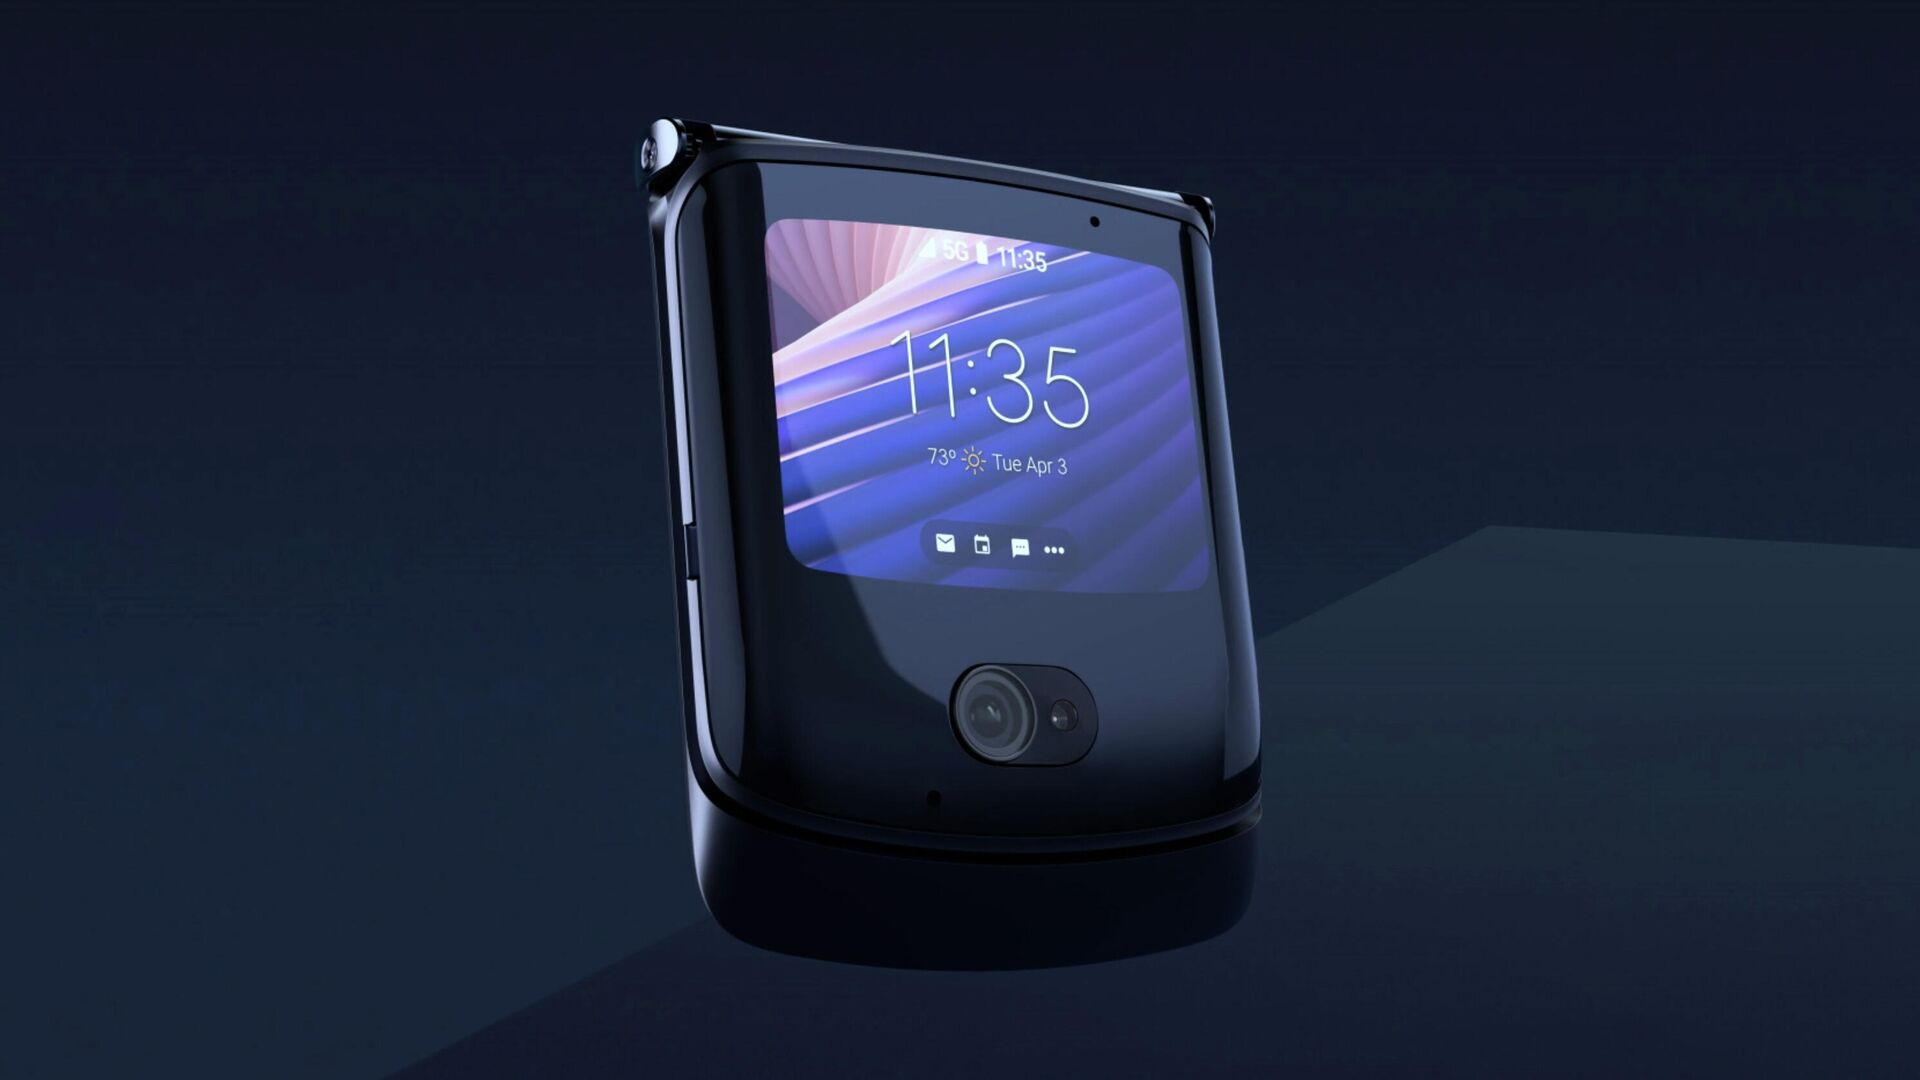 Новый HTC будет конкурировать с Motorola razr - РИА Новости, 1920, 28.09.2020